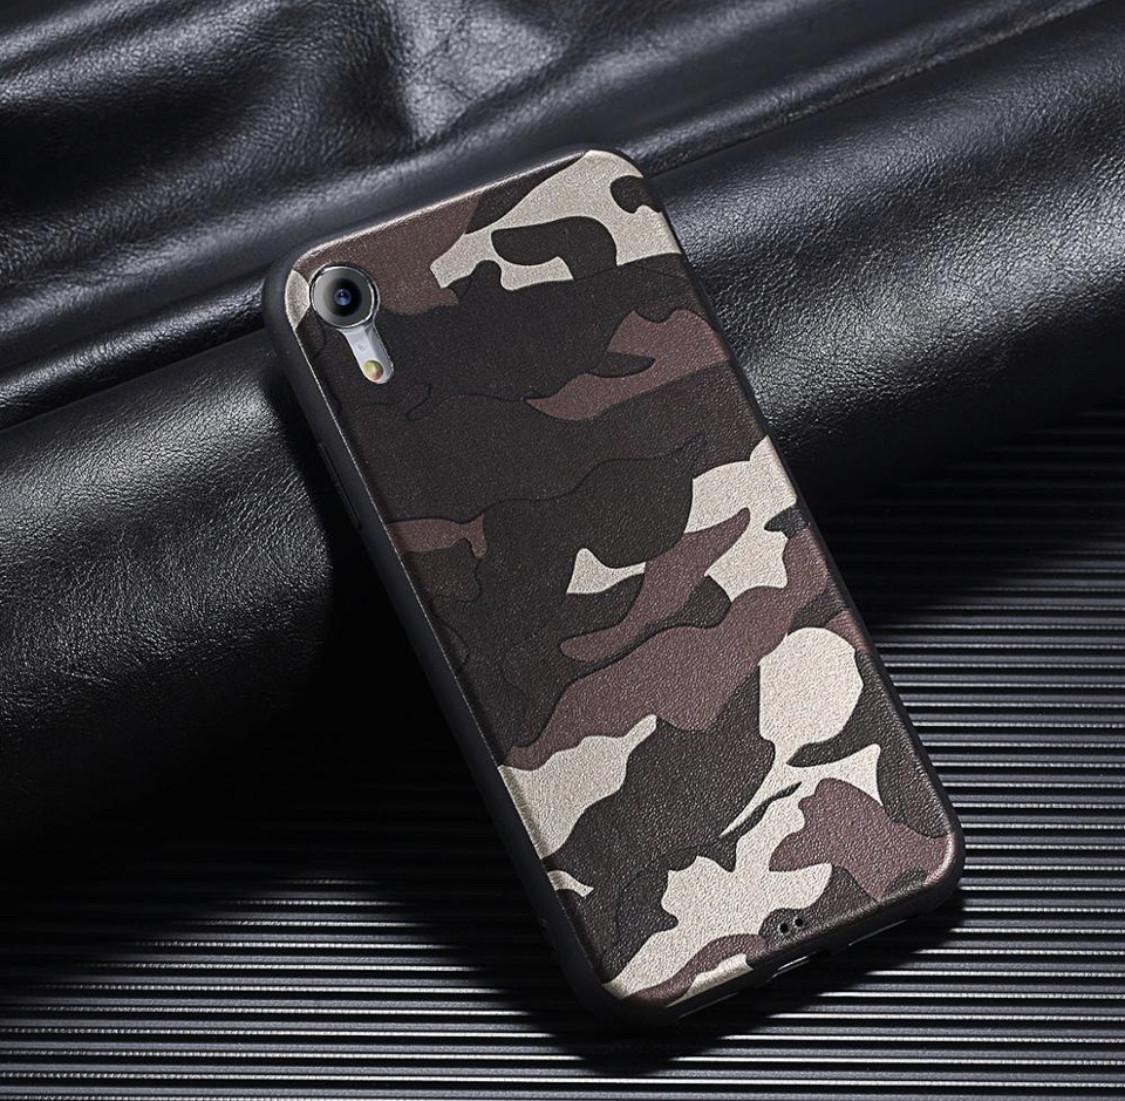 Защитный силиконовый TPU чехол для смартфона Apple iPhone 6/6s/6+/6s+7/8/7+/8+/X/XS «Хаки» в сером цвете